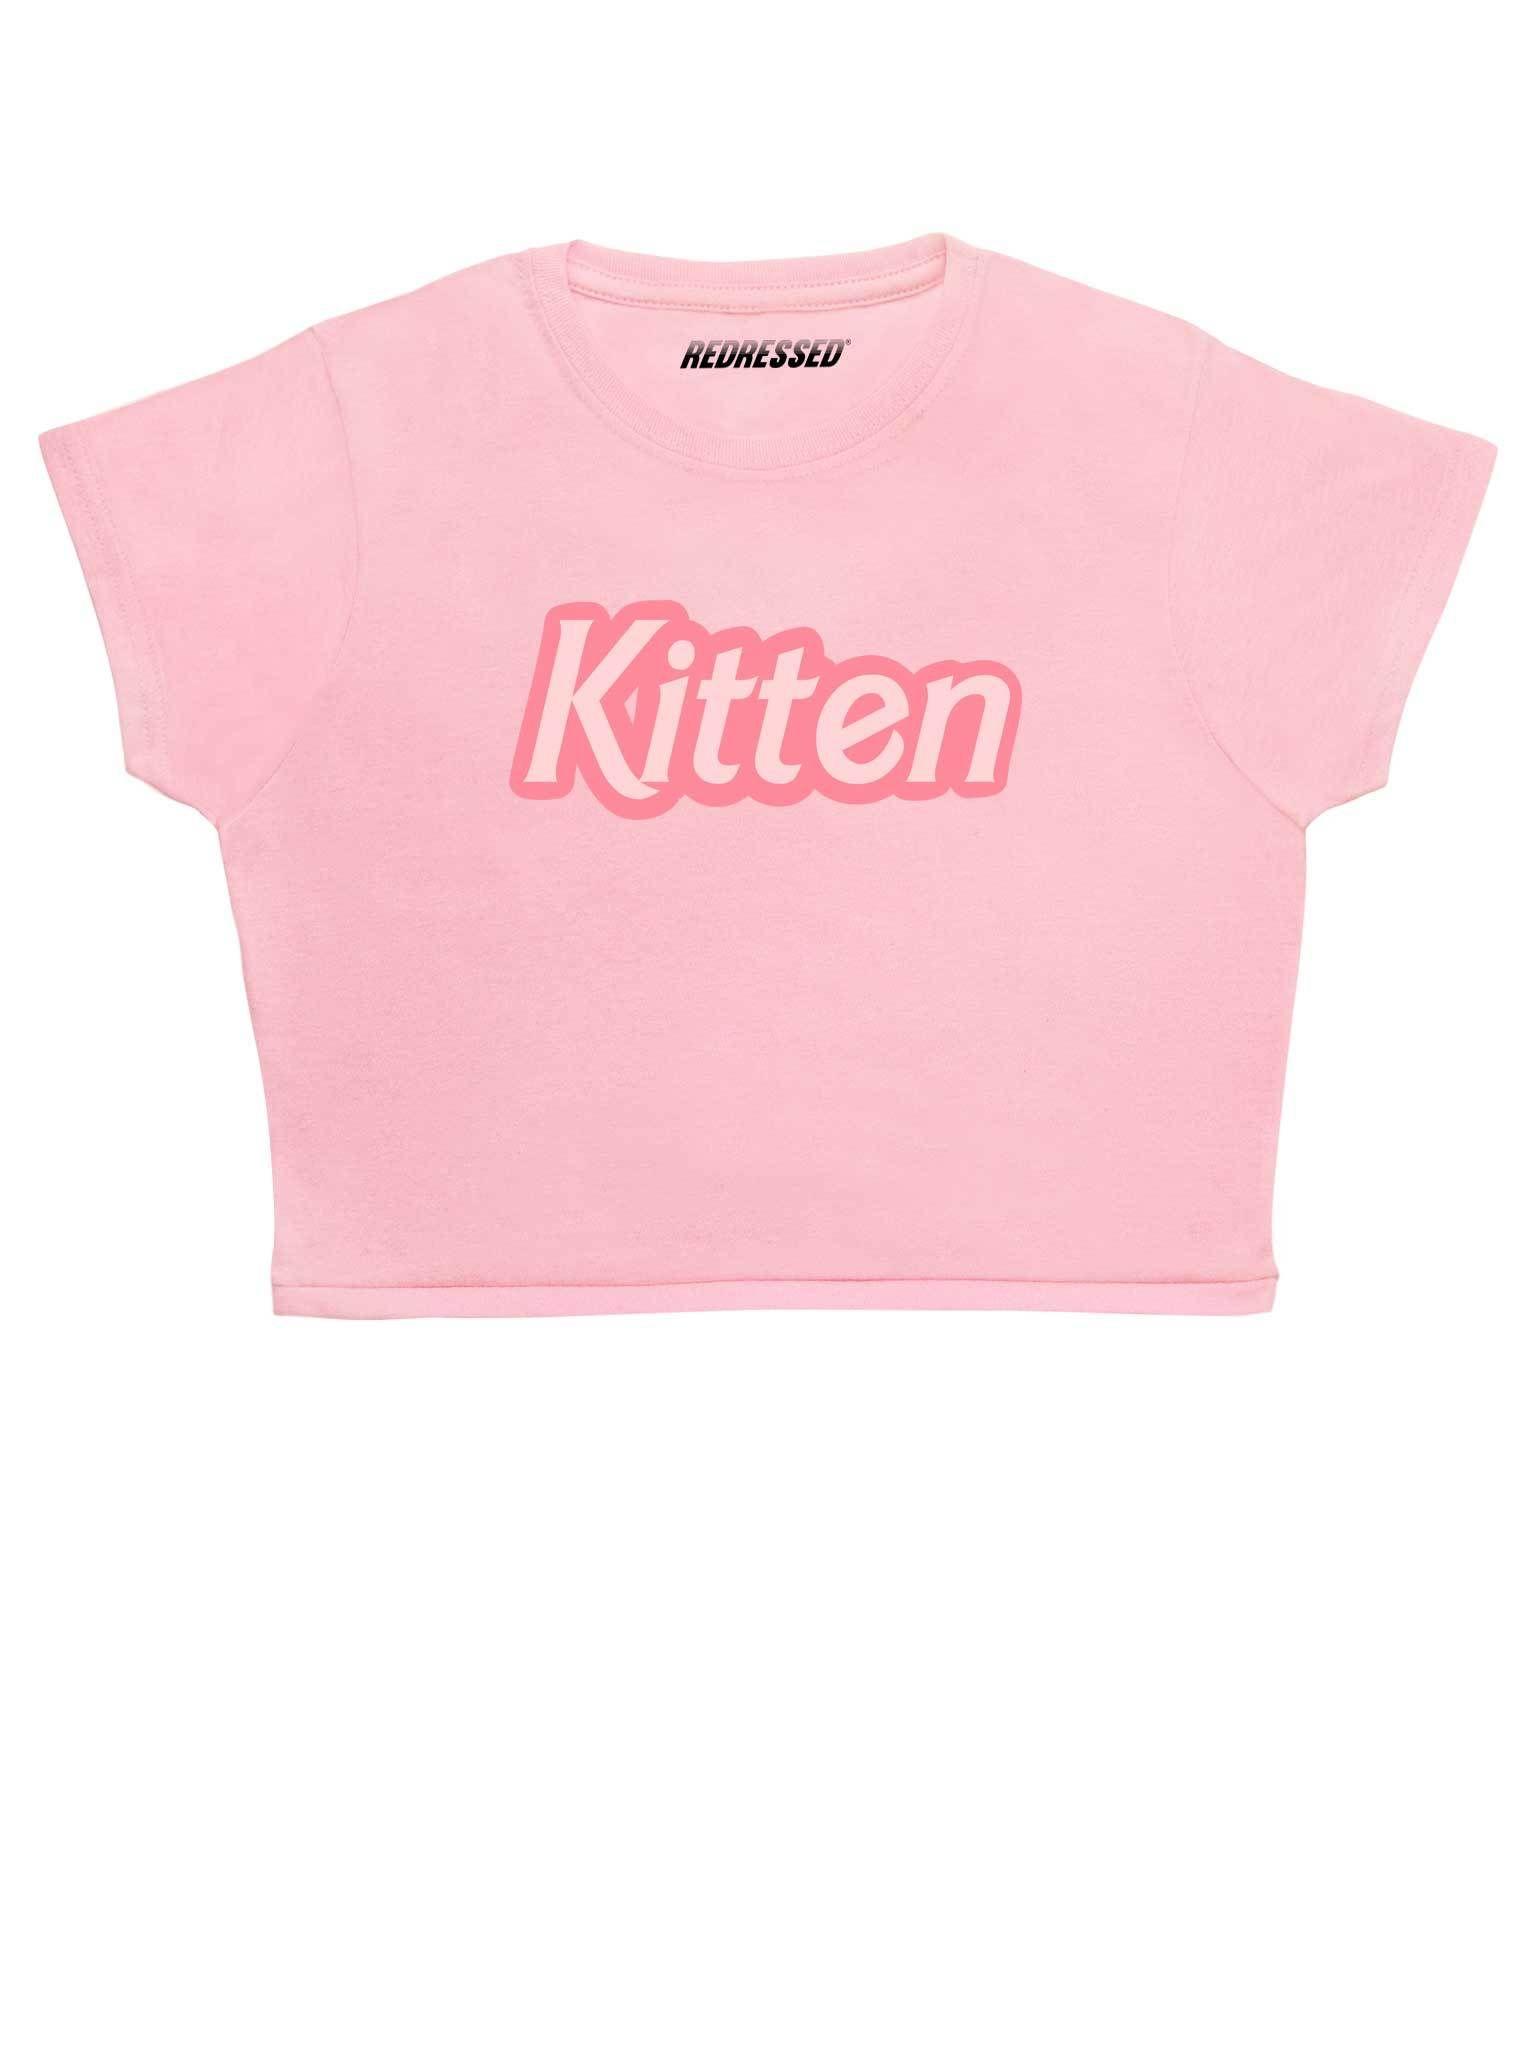 Kitten Crop Top Redressed Crop Tops T Shirt Crop Top Tops